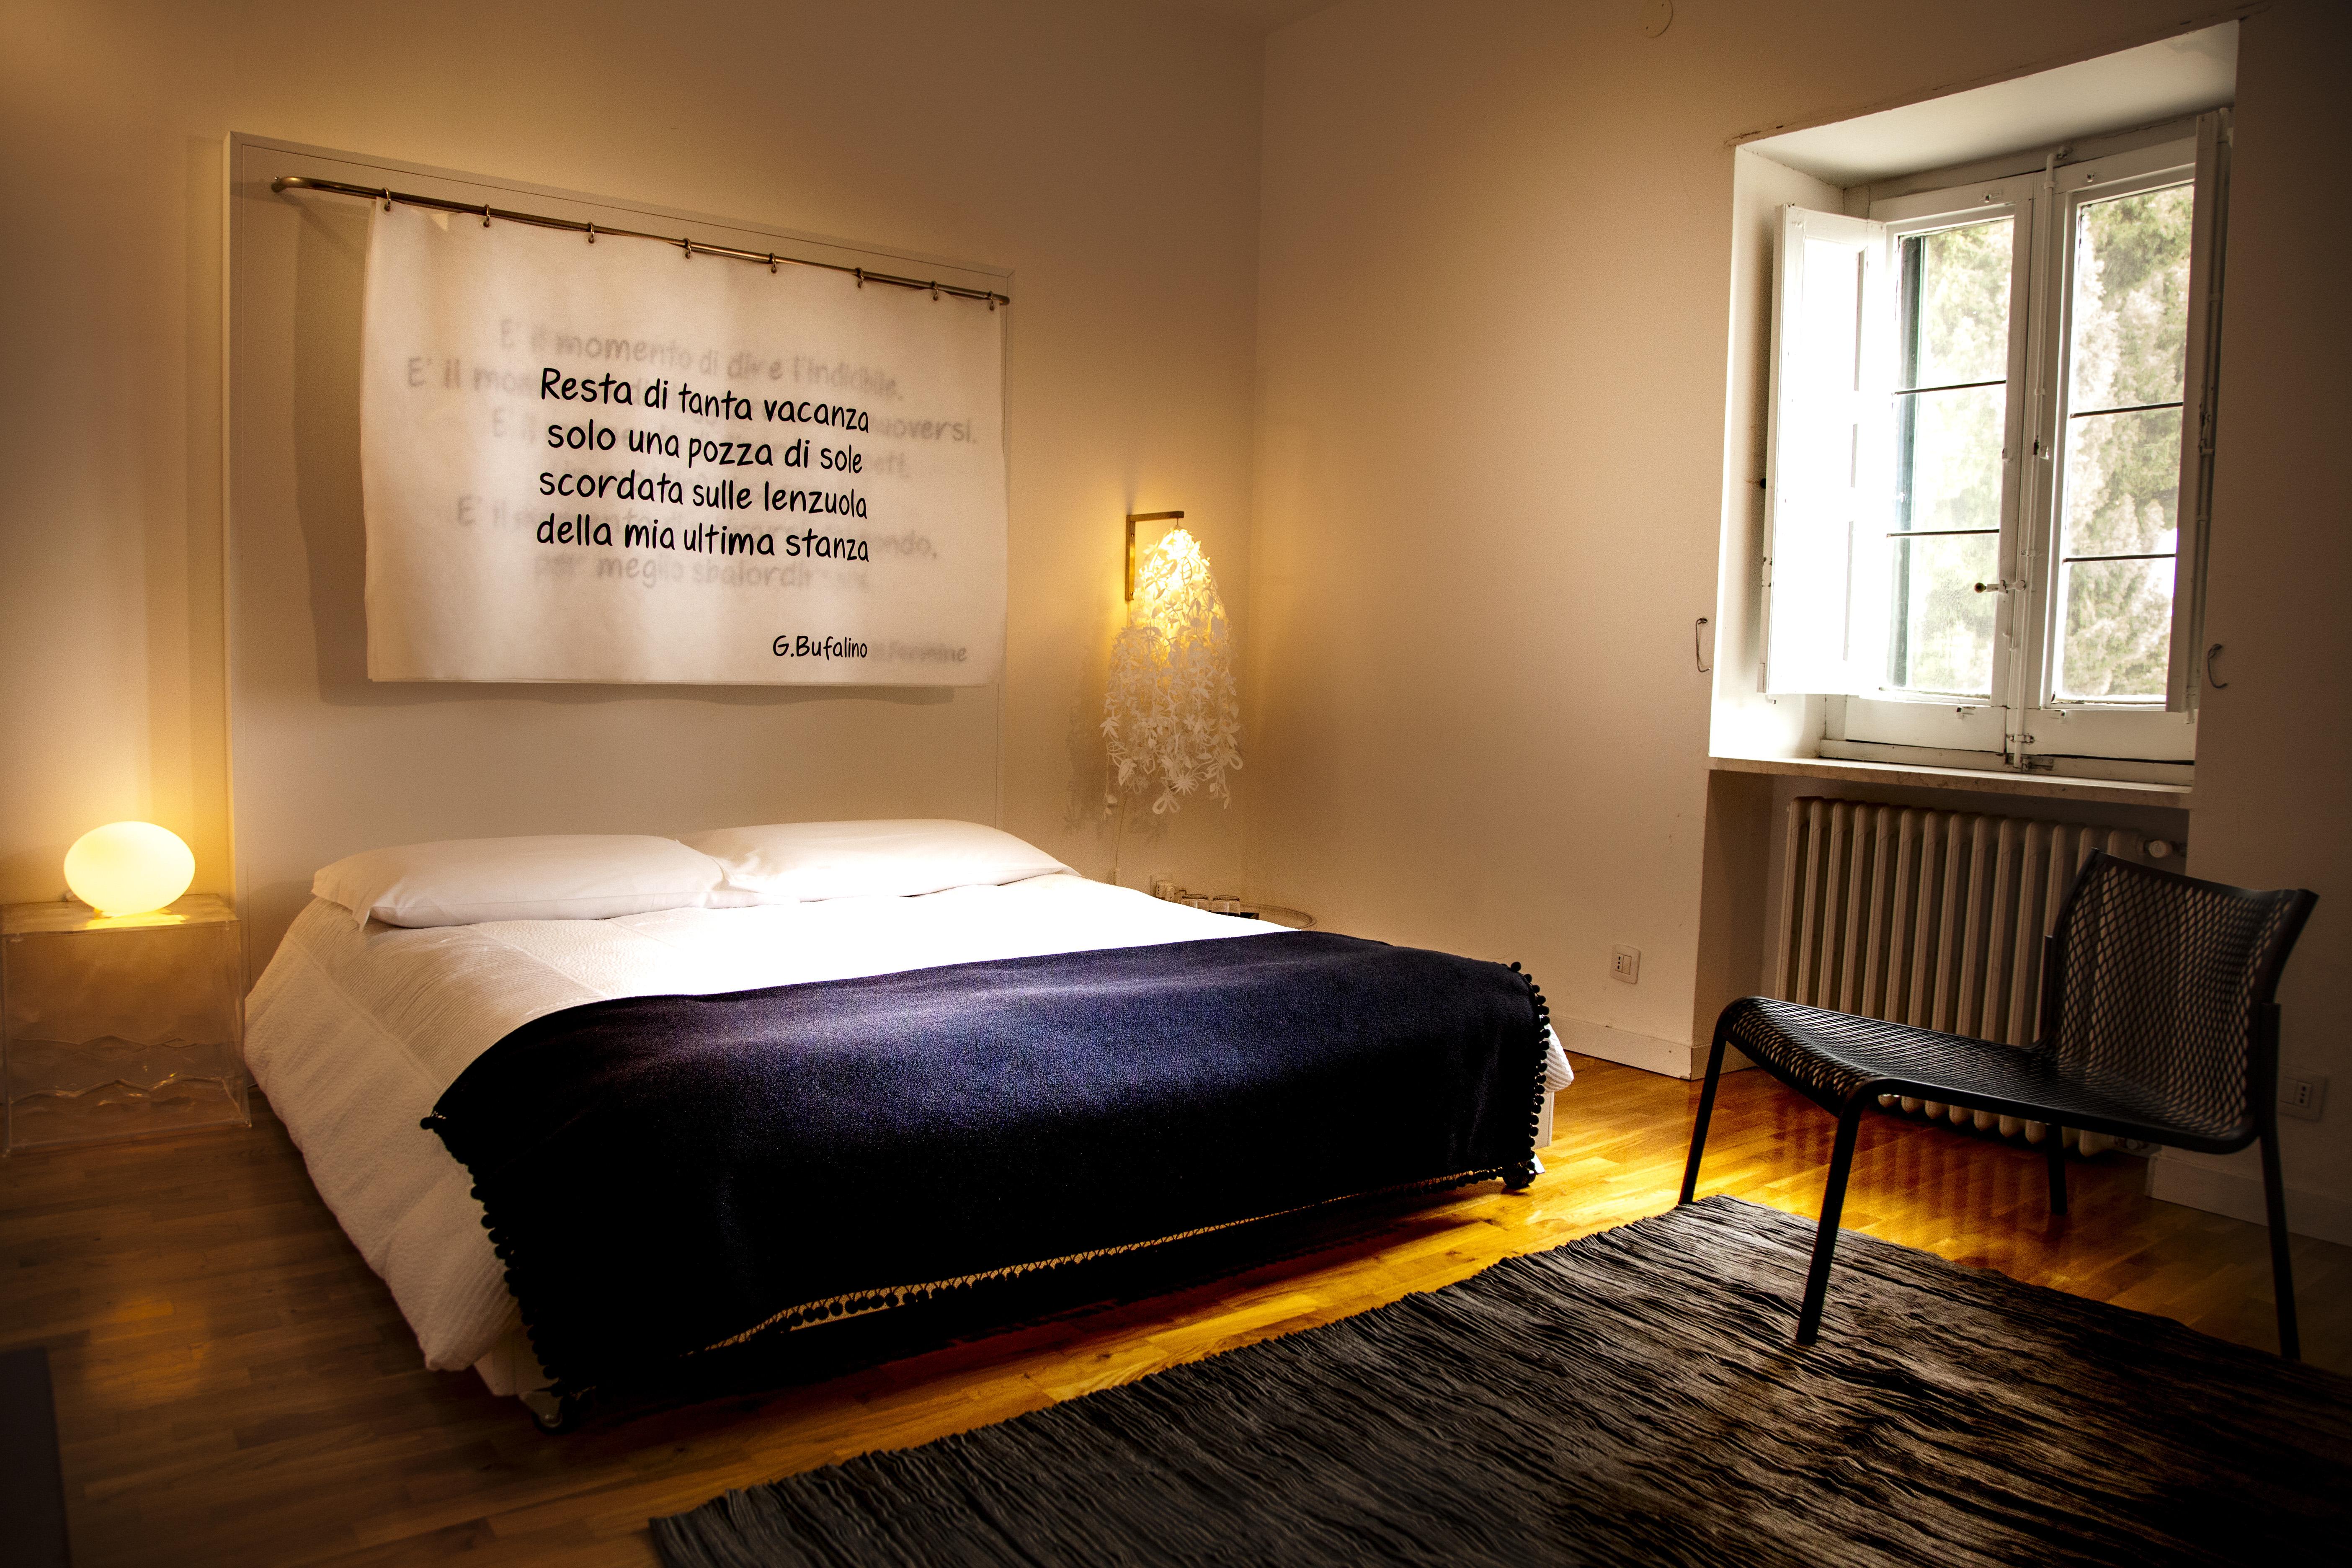 La casa da leggere un letto da sfogliare bed breakfast la casa del poeta pergusa enna - Sostegno per leggere a letto ...